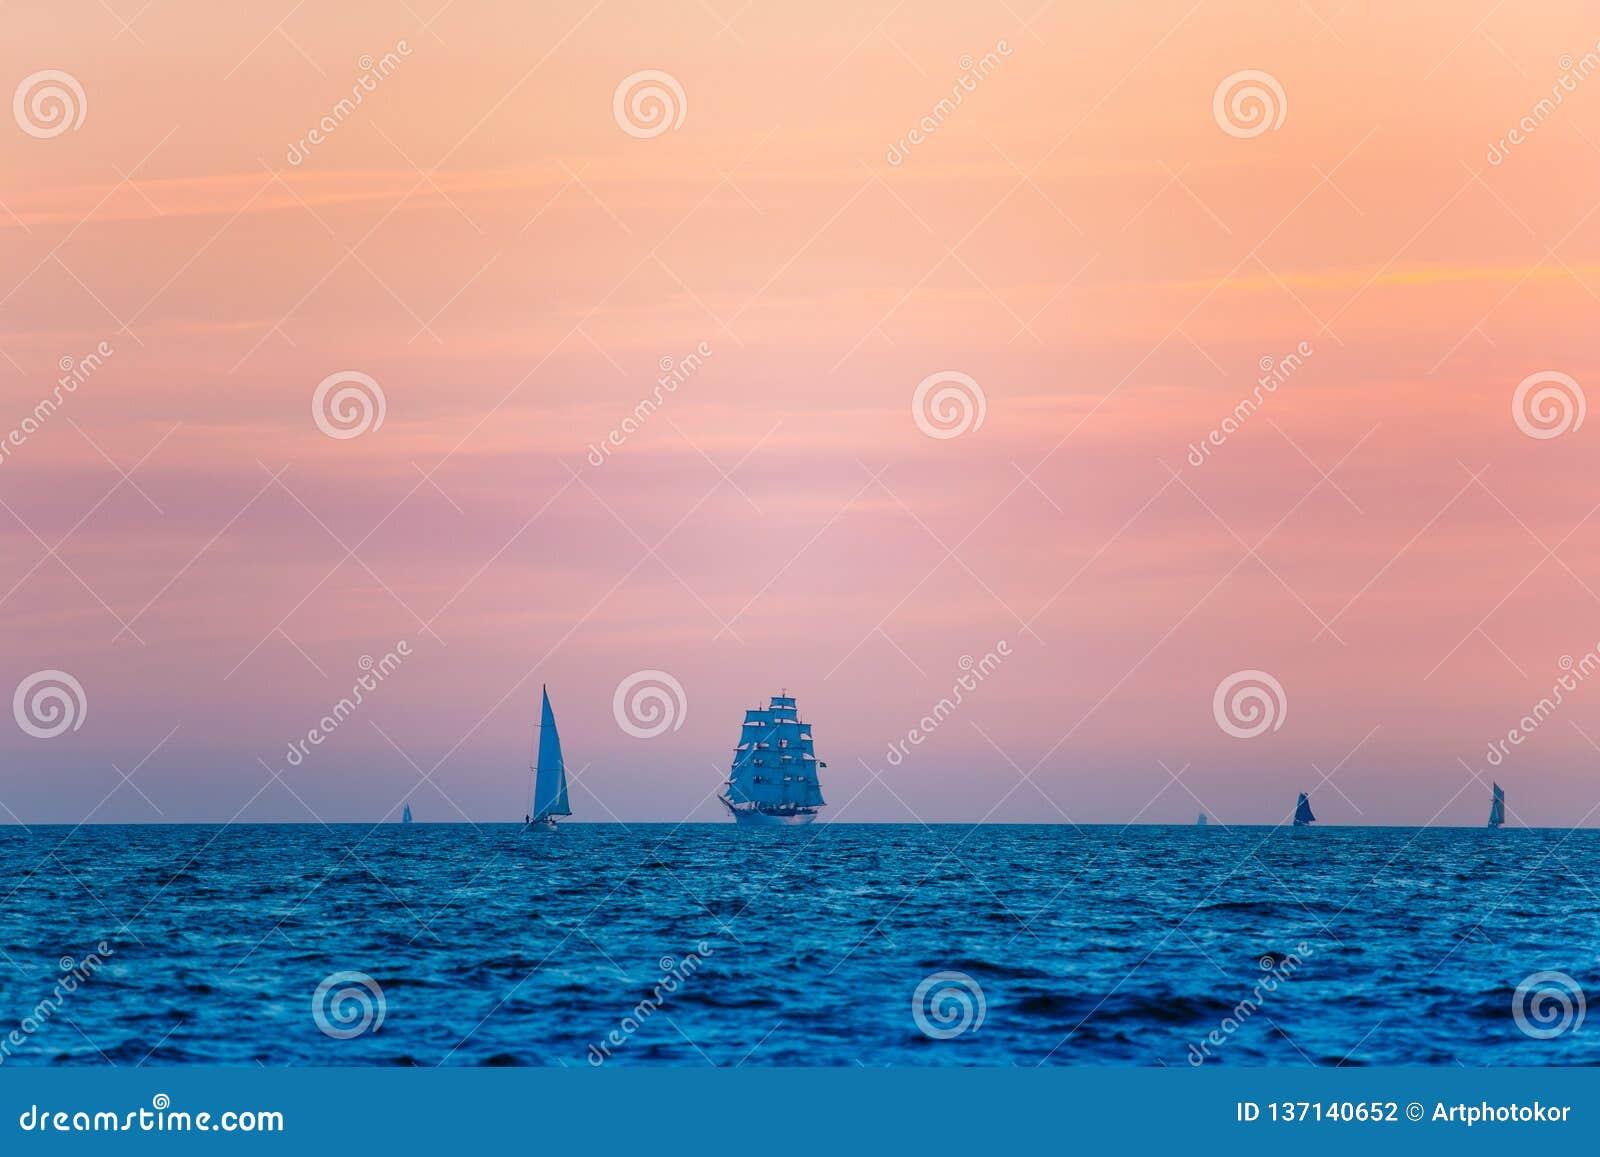 Sailing ships compete in regatta. Baltic sea